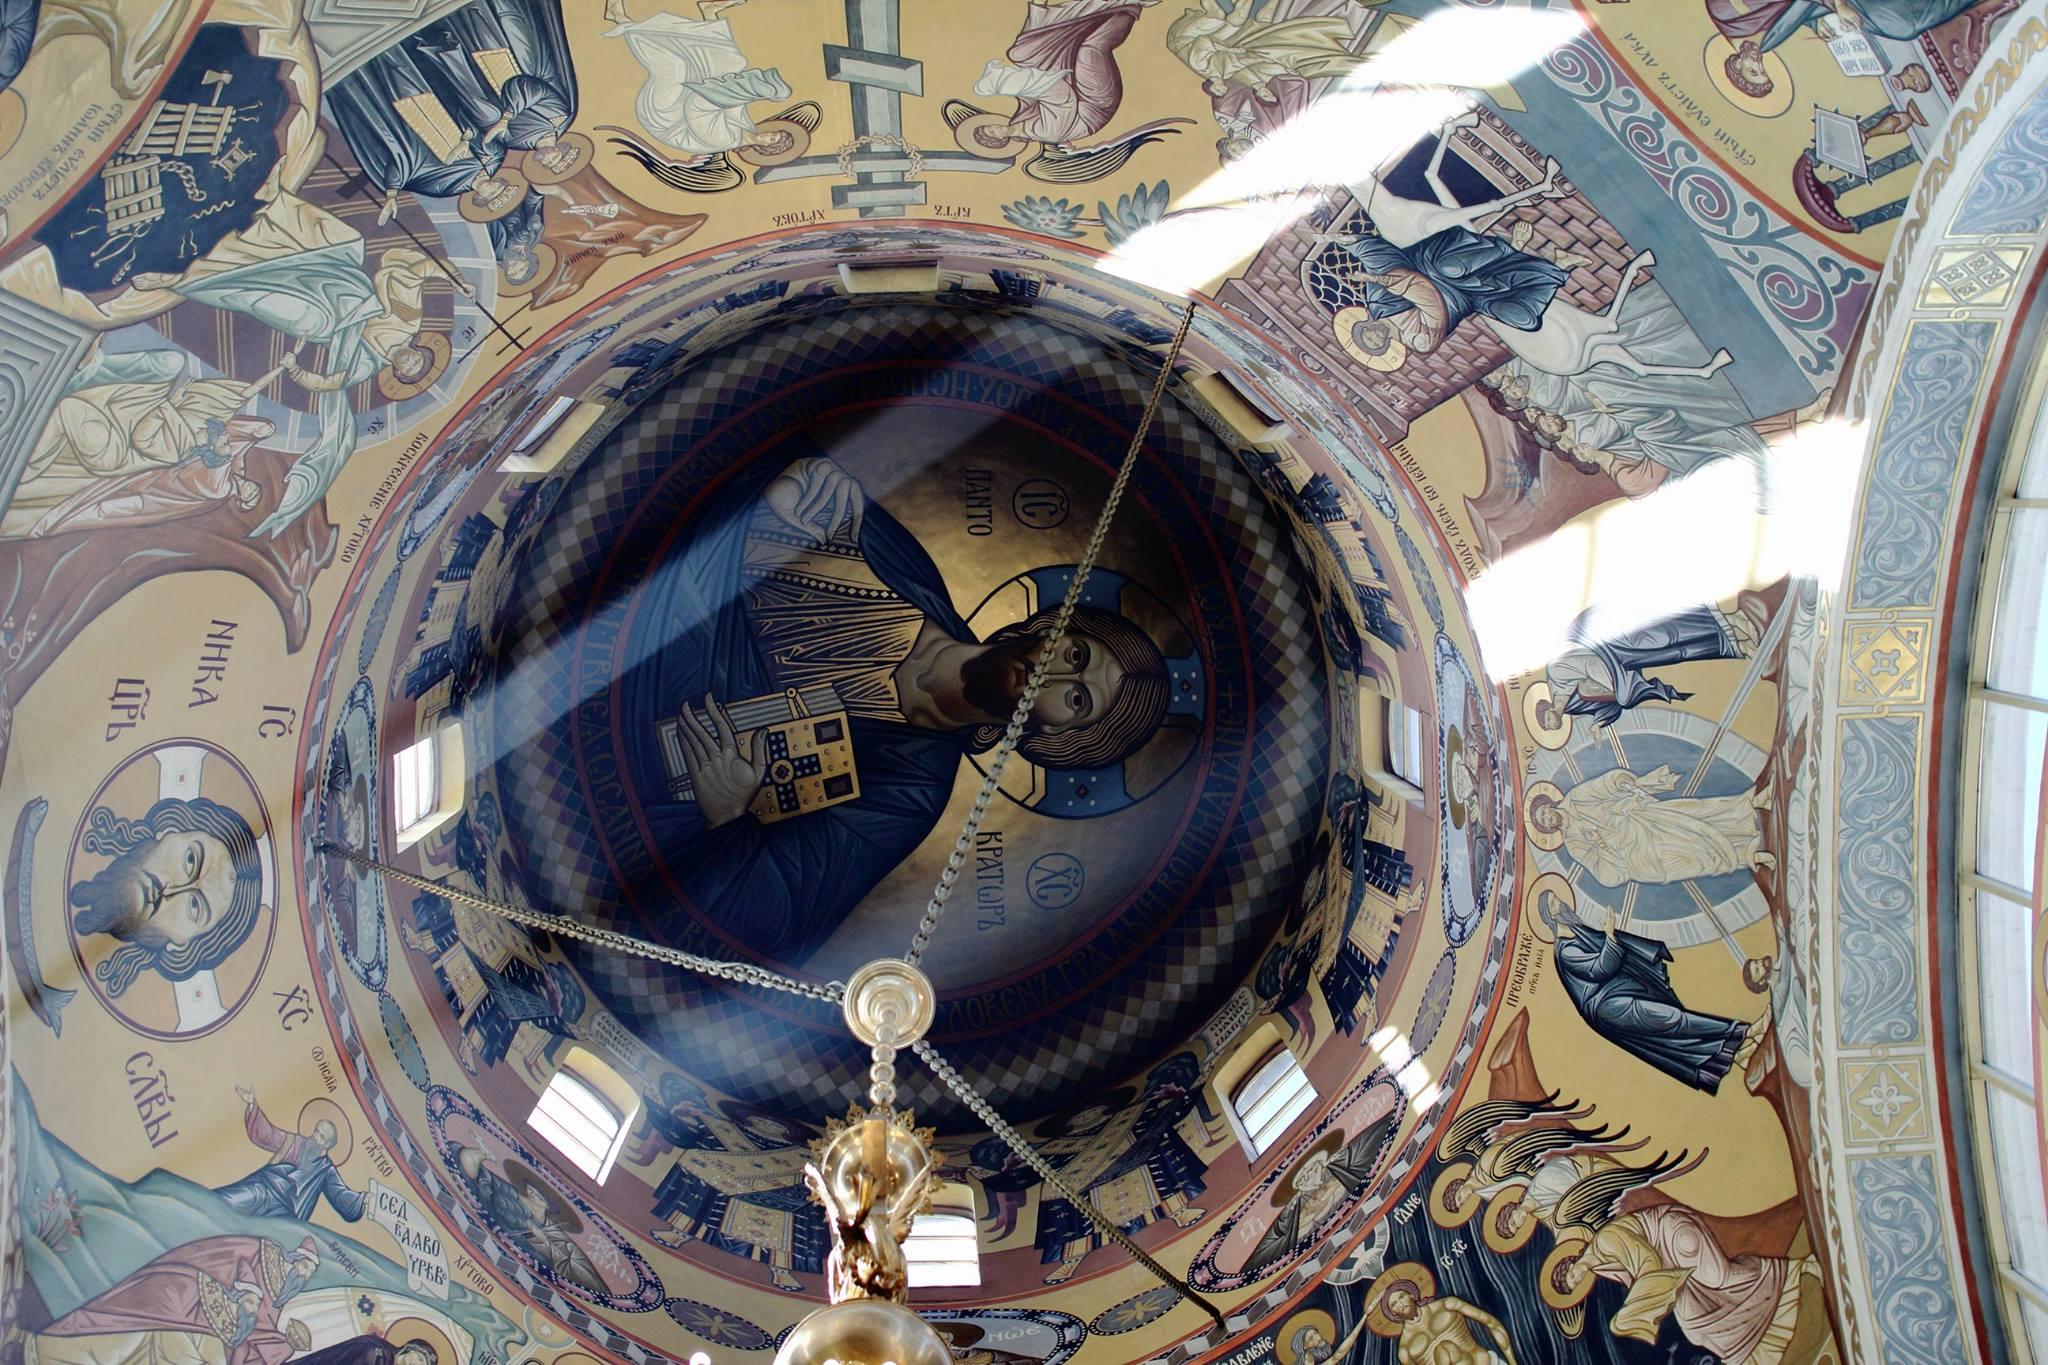 29 марта 2016 года состоится третья лекция из цикла «Неизвестное христианство» на тему «Что мы можем знать о Боге? Как Бог открывает Себя?» (спор о божественных энергиях и природе Фаворского света)